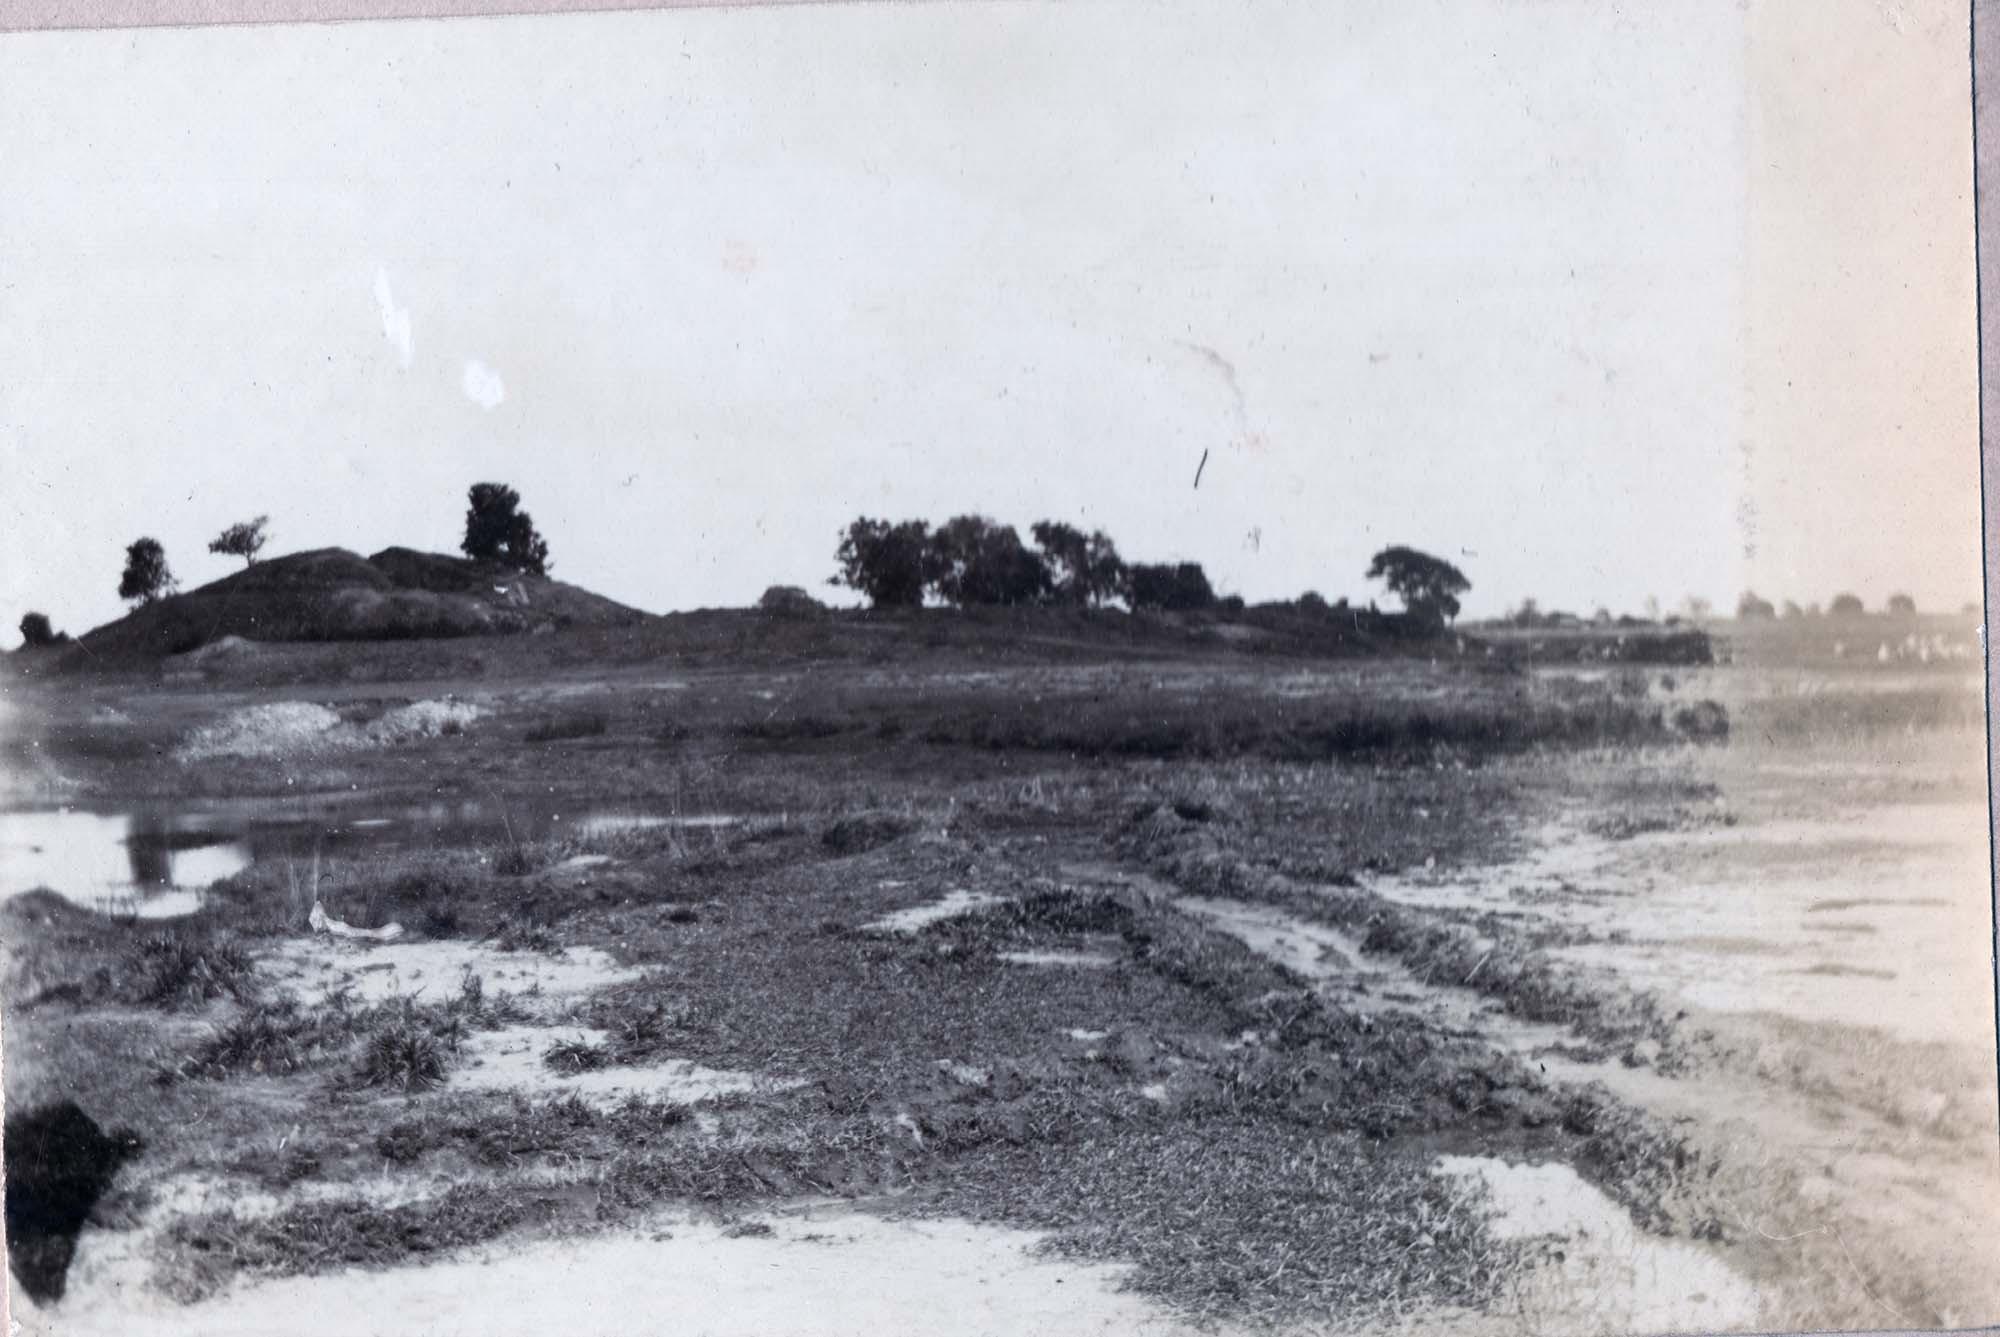 Longitudinal section through the Piprahwa stupa, 1898